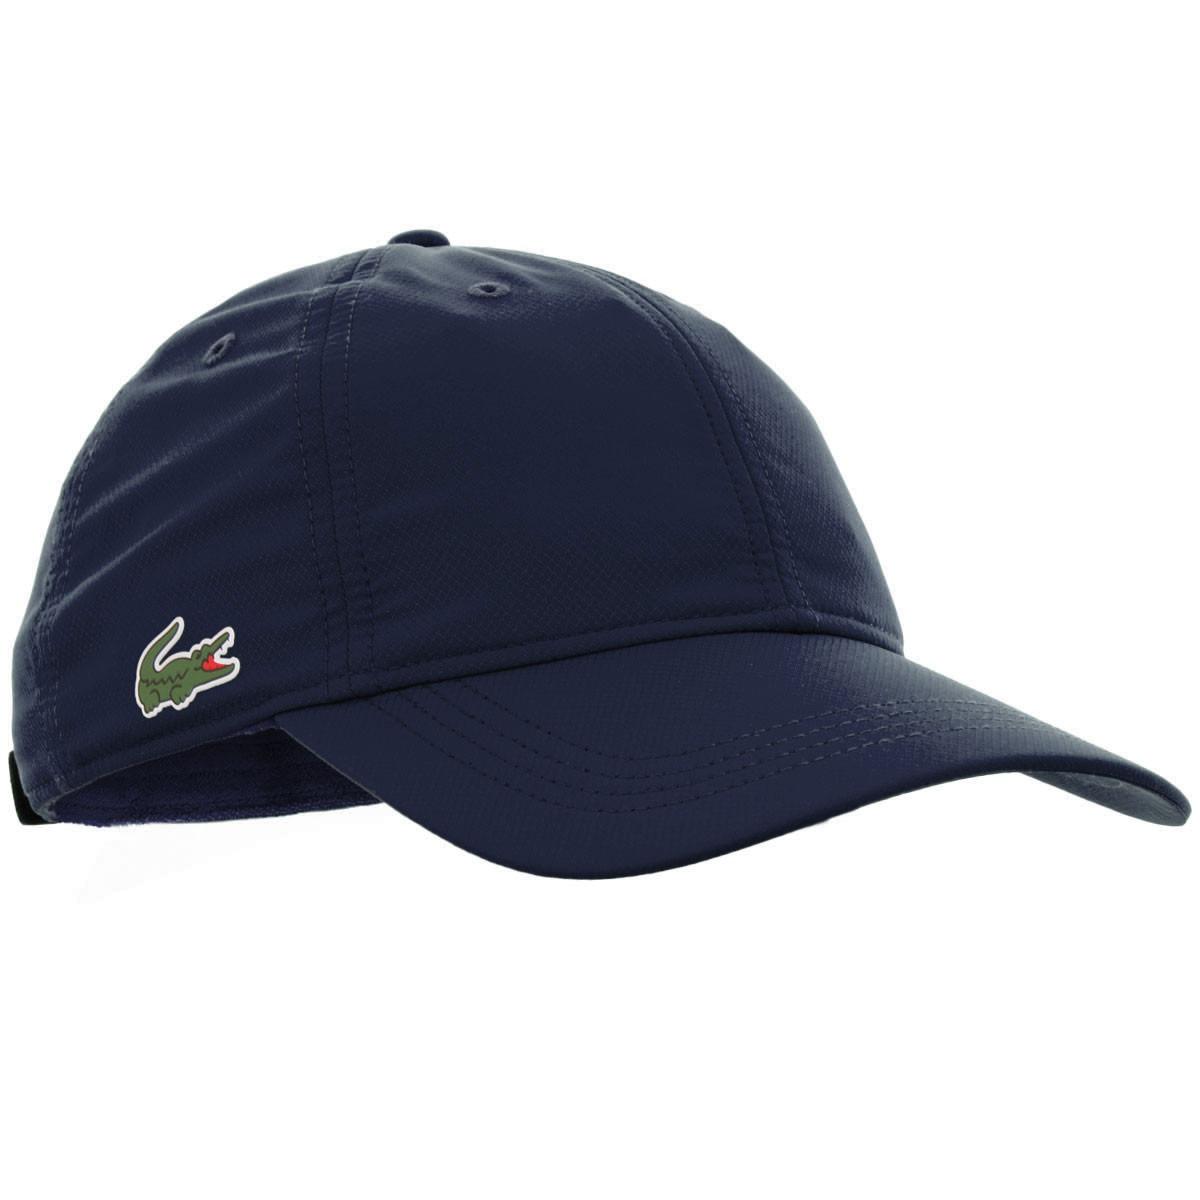 d210e273946 exclusivo! bone lacoste sport fancy tennis rk2447 azul navy. Carregando  zoom.